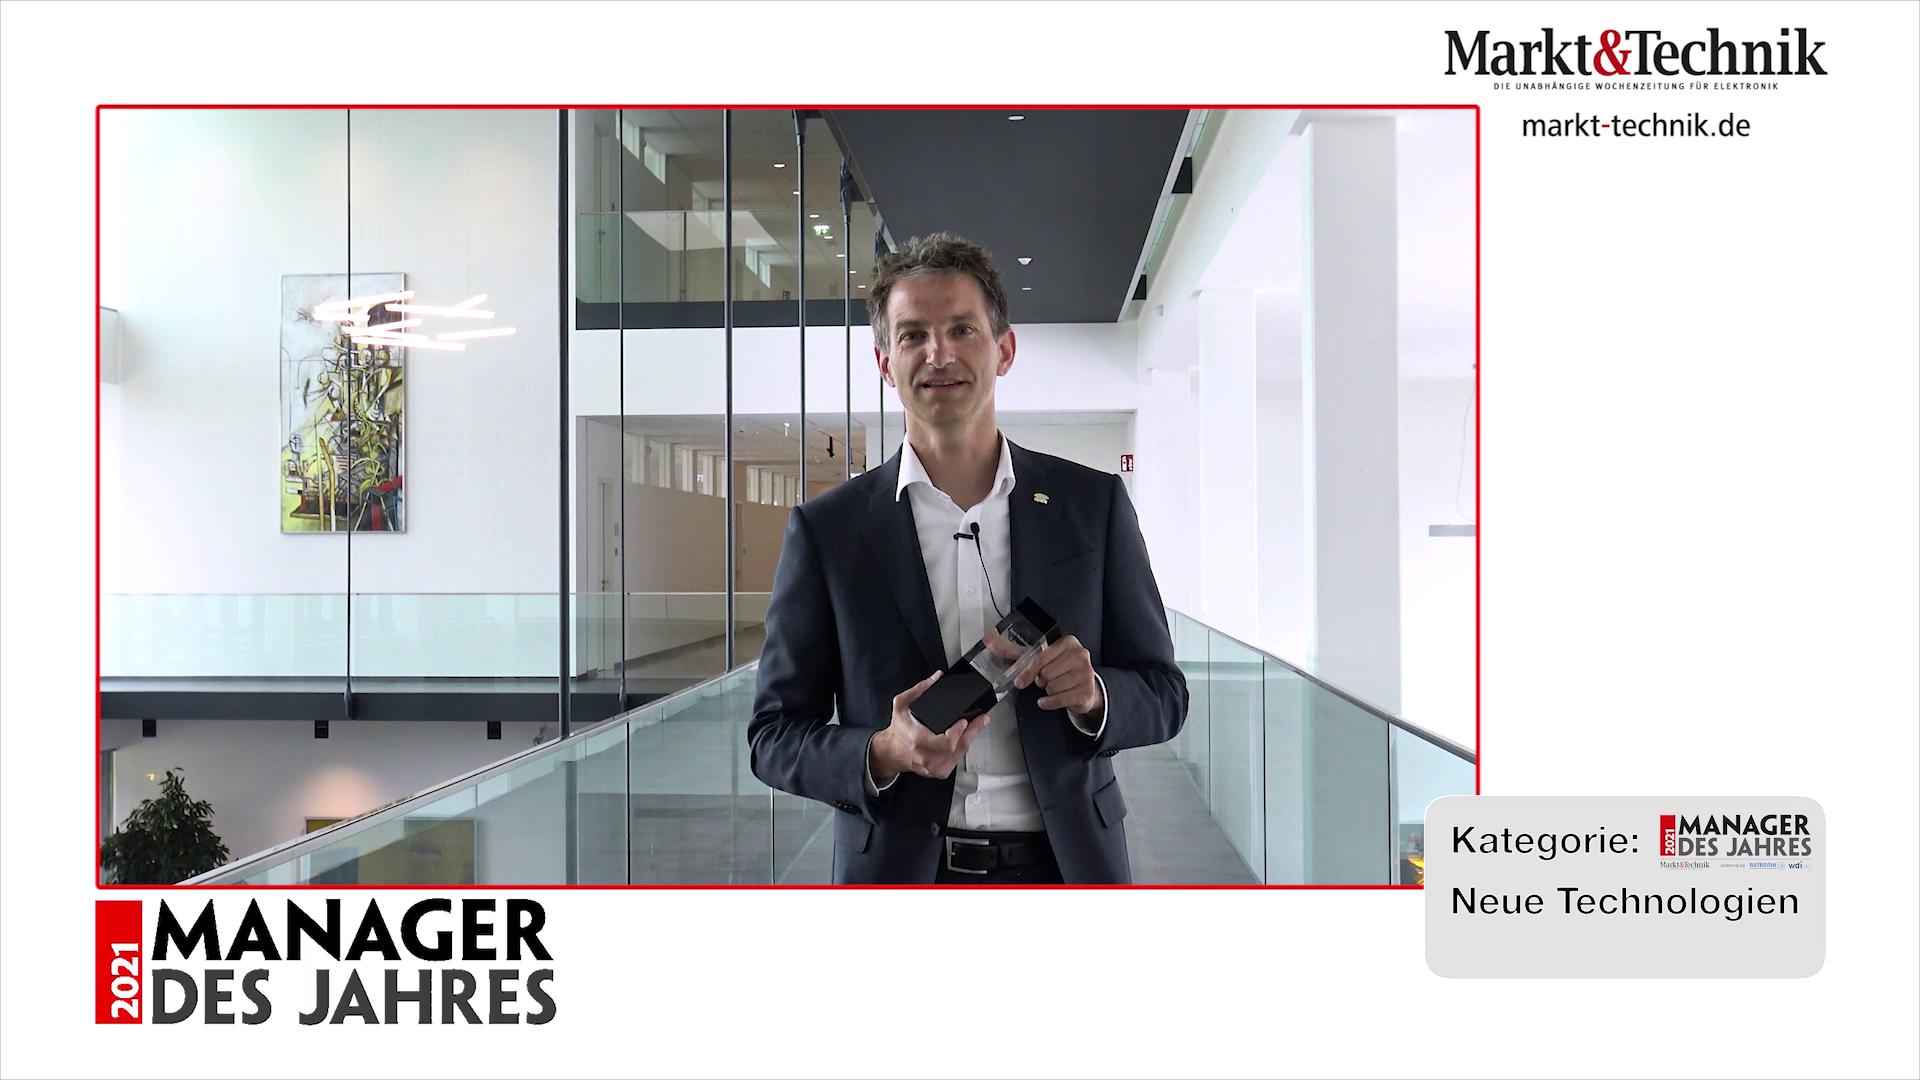 »Manager des Jahres 2021«: Dr. Bernd Thallner